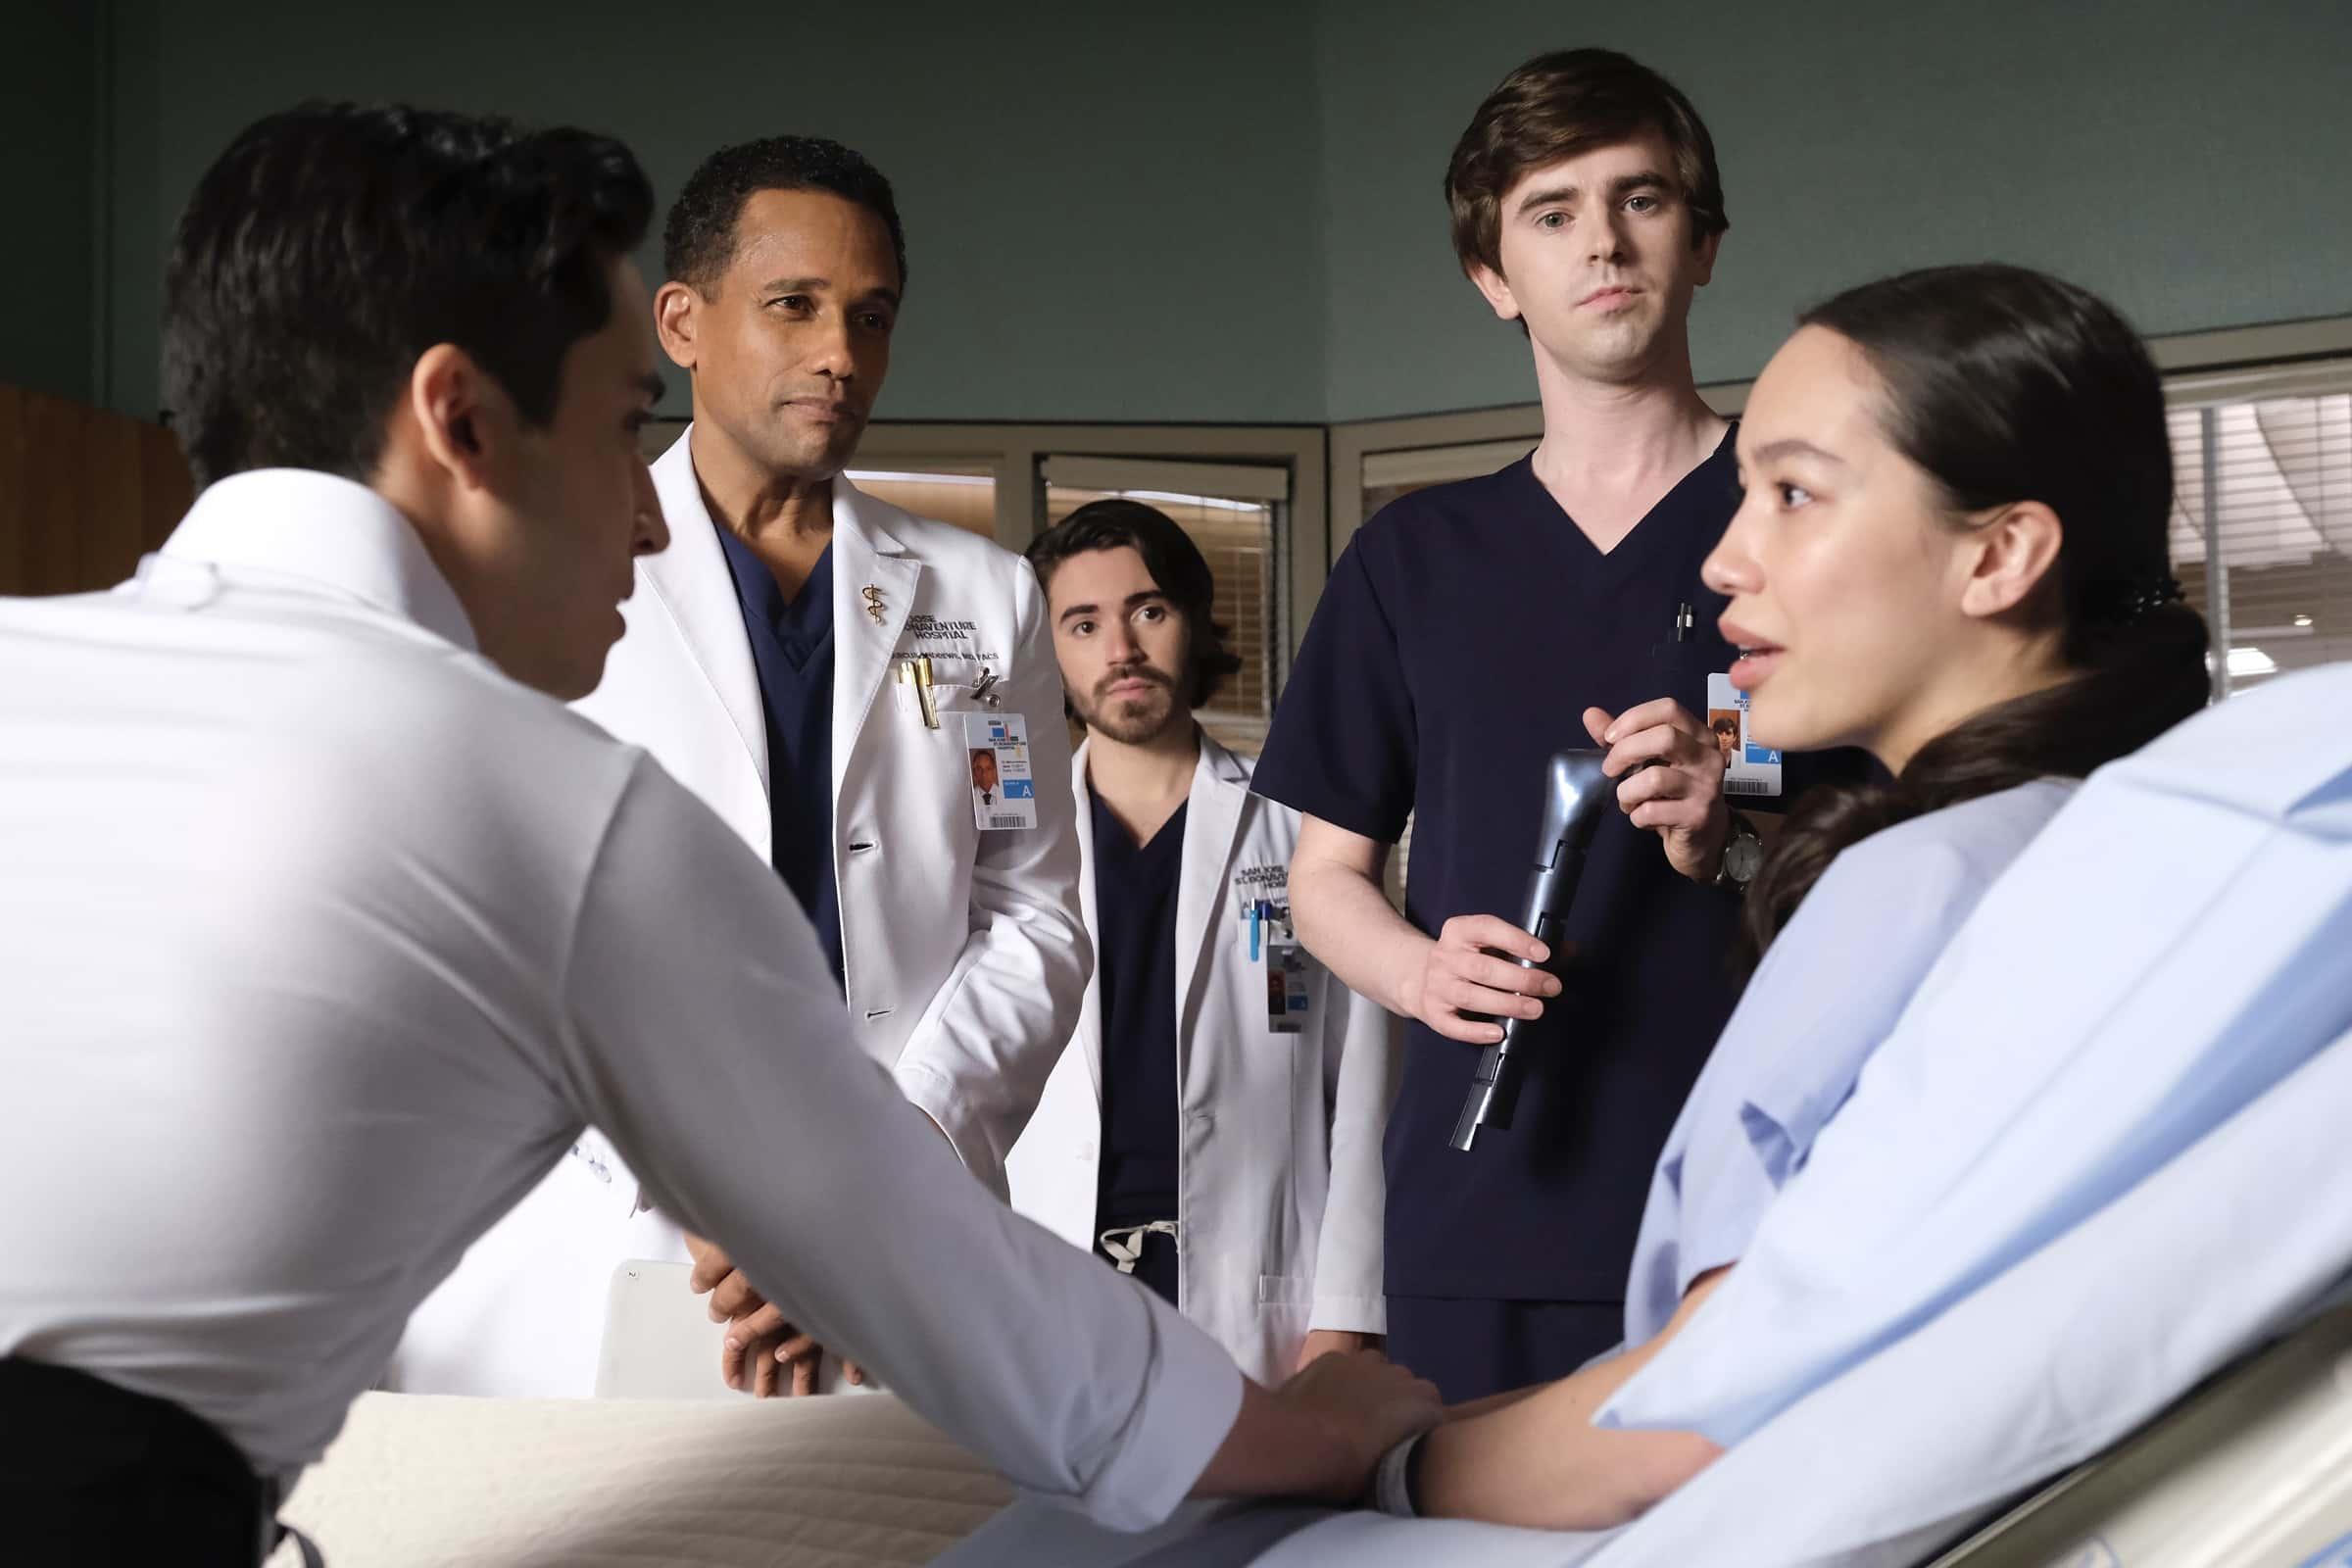 THE GOOD DOCTOR Season 4 Episode 13 Spilled Milk HILL HARPER, FREDDIE HIGHMORE